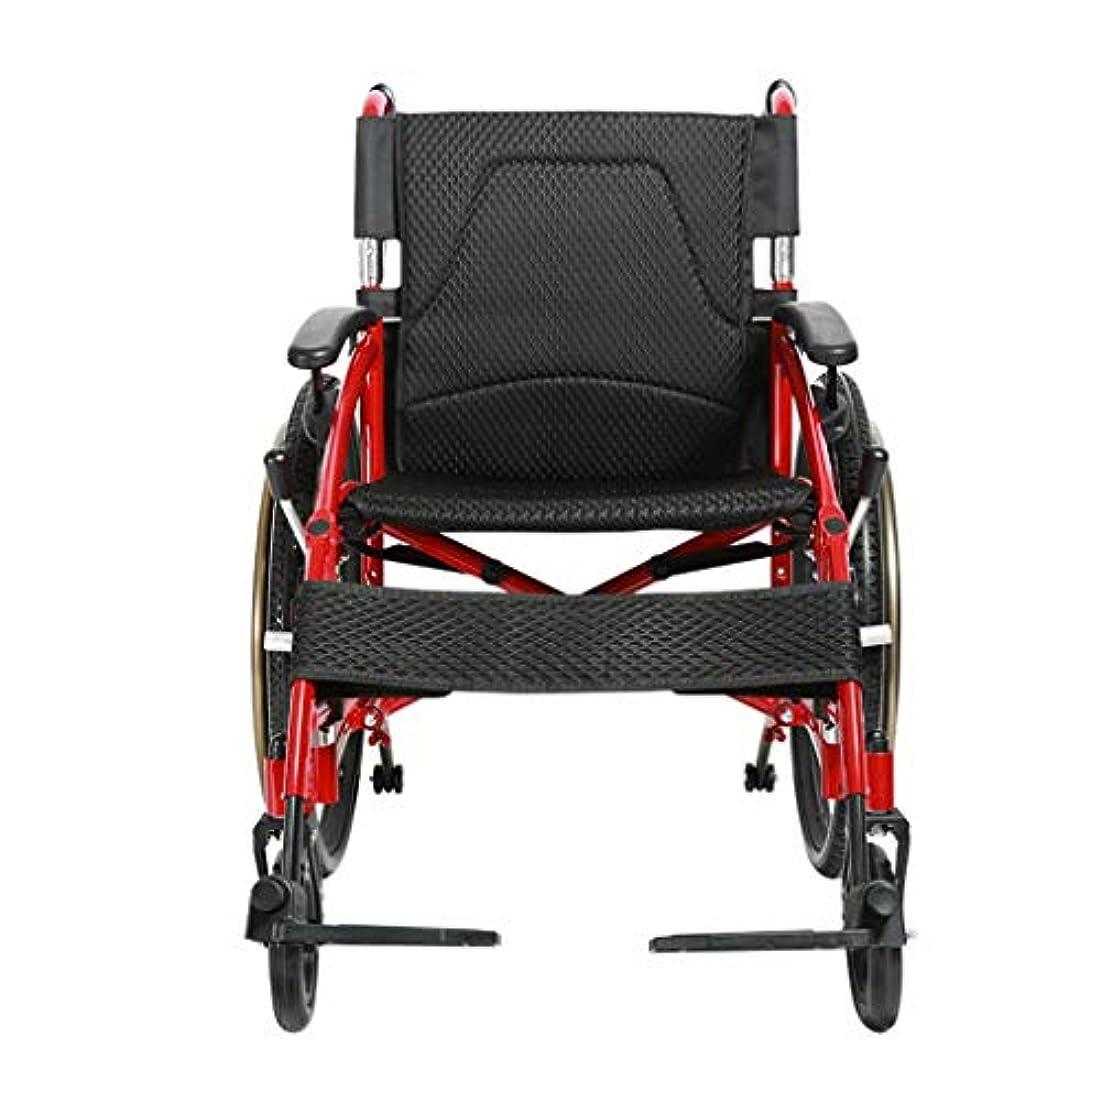 二十小道具聖職者手押し式車椅子、折りたたみ式、手回し式プッシュ式歩行装置、大人および身体障害者用アルミニウム製トラベルスクーターに適しています